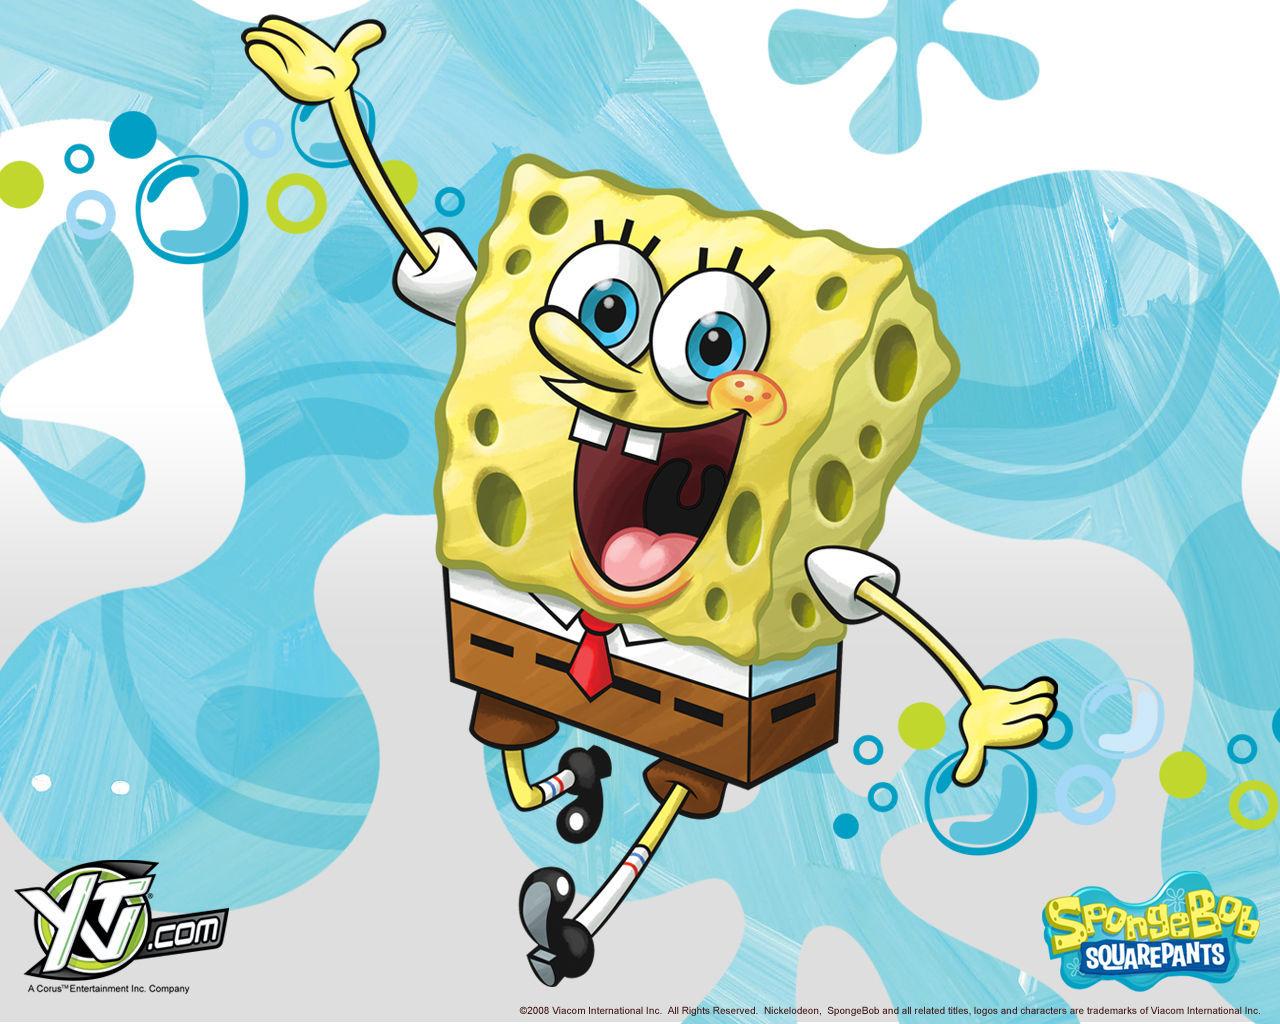 海绵宝宝之喜悦心情PPT背景图片免费下载是由PPT宝藏(www.pptbz.com)会员zengmin上传推荐的卡通PPT背景图片, 更新时间为2016-11-14,素材编号111377。 《海绵宝宝》(SpongeBob Squarepants)是美国著名的系列电视动画,1999年在尼克国际儿童频道开播,至今仍持续制播中,创始者是史蒂芬海伦伯格(Stephen Hillenburg)。 《海绵宝宝》(英语:SpongeBob SquarePants),是一部美国电视动画系列,1999年在尼克国际儿童频道